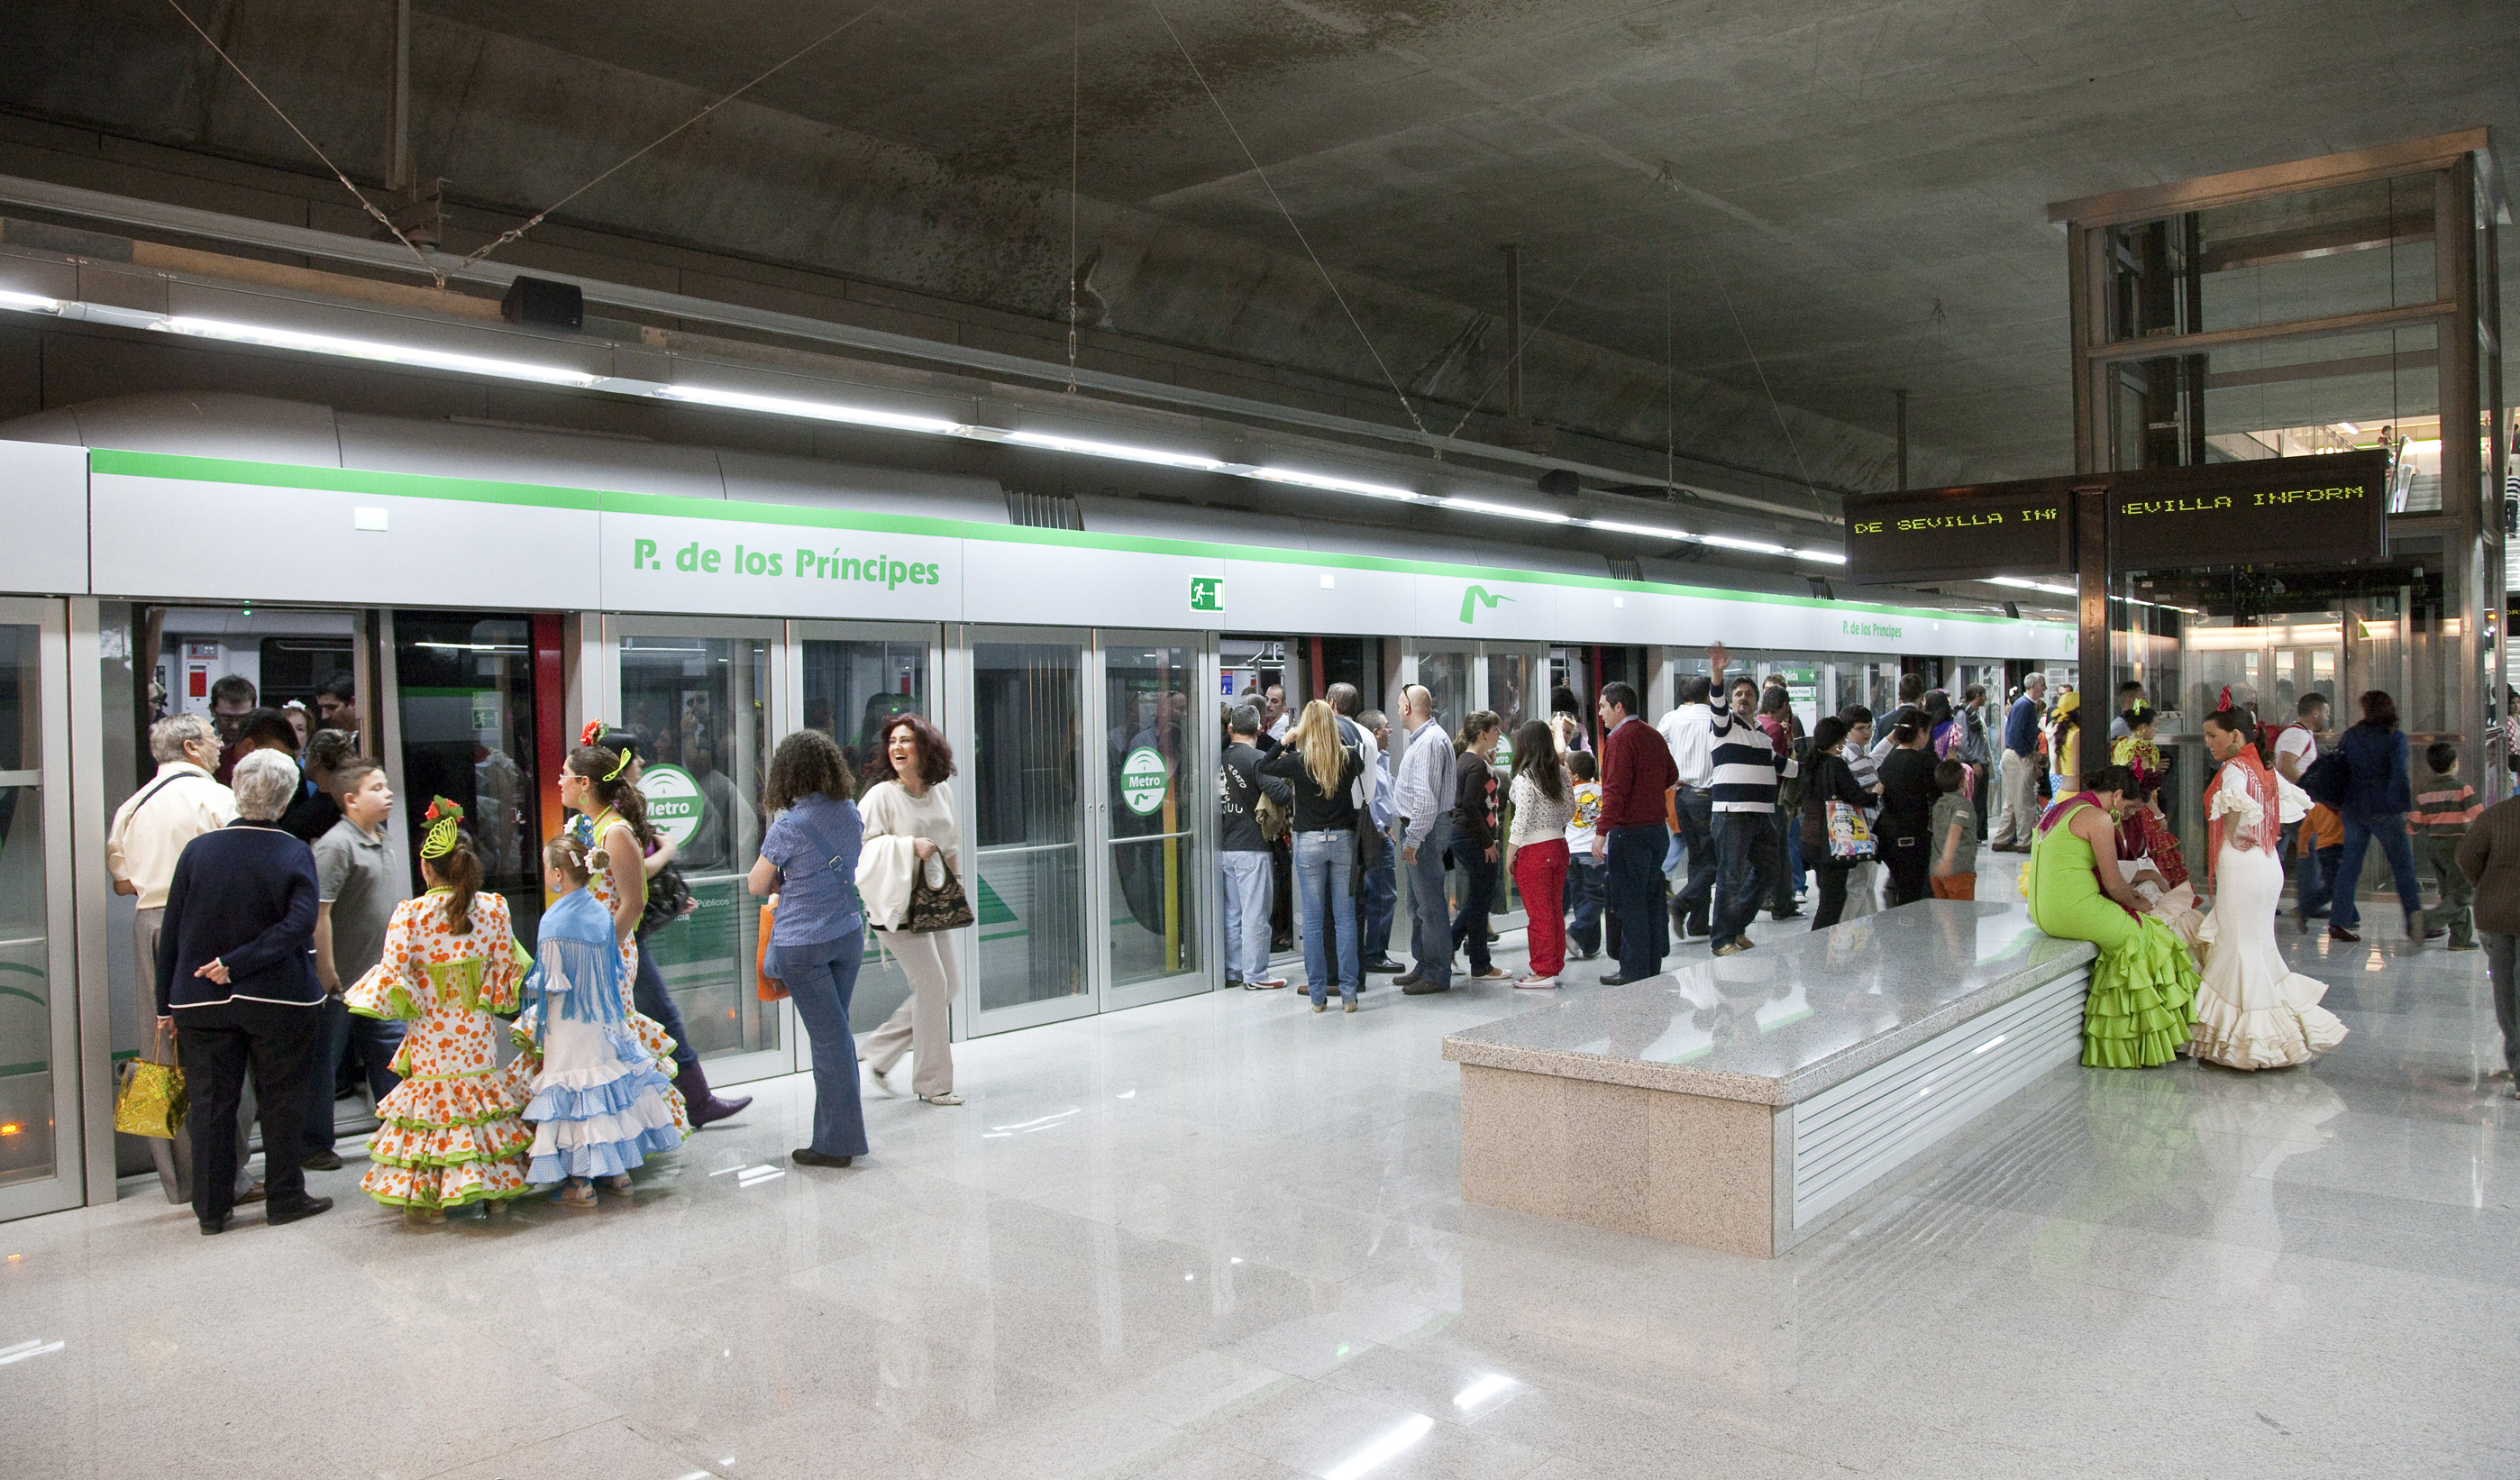 Entre las 19.00 y las 22.00 horas, se han alcanzando puntas de tráfico de entre 9.000-10.000 viajeros/hora.